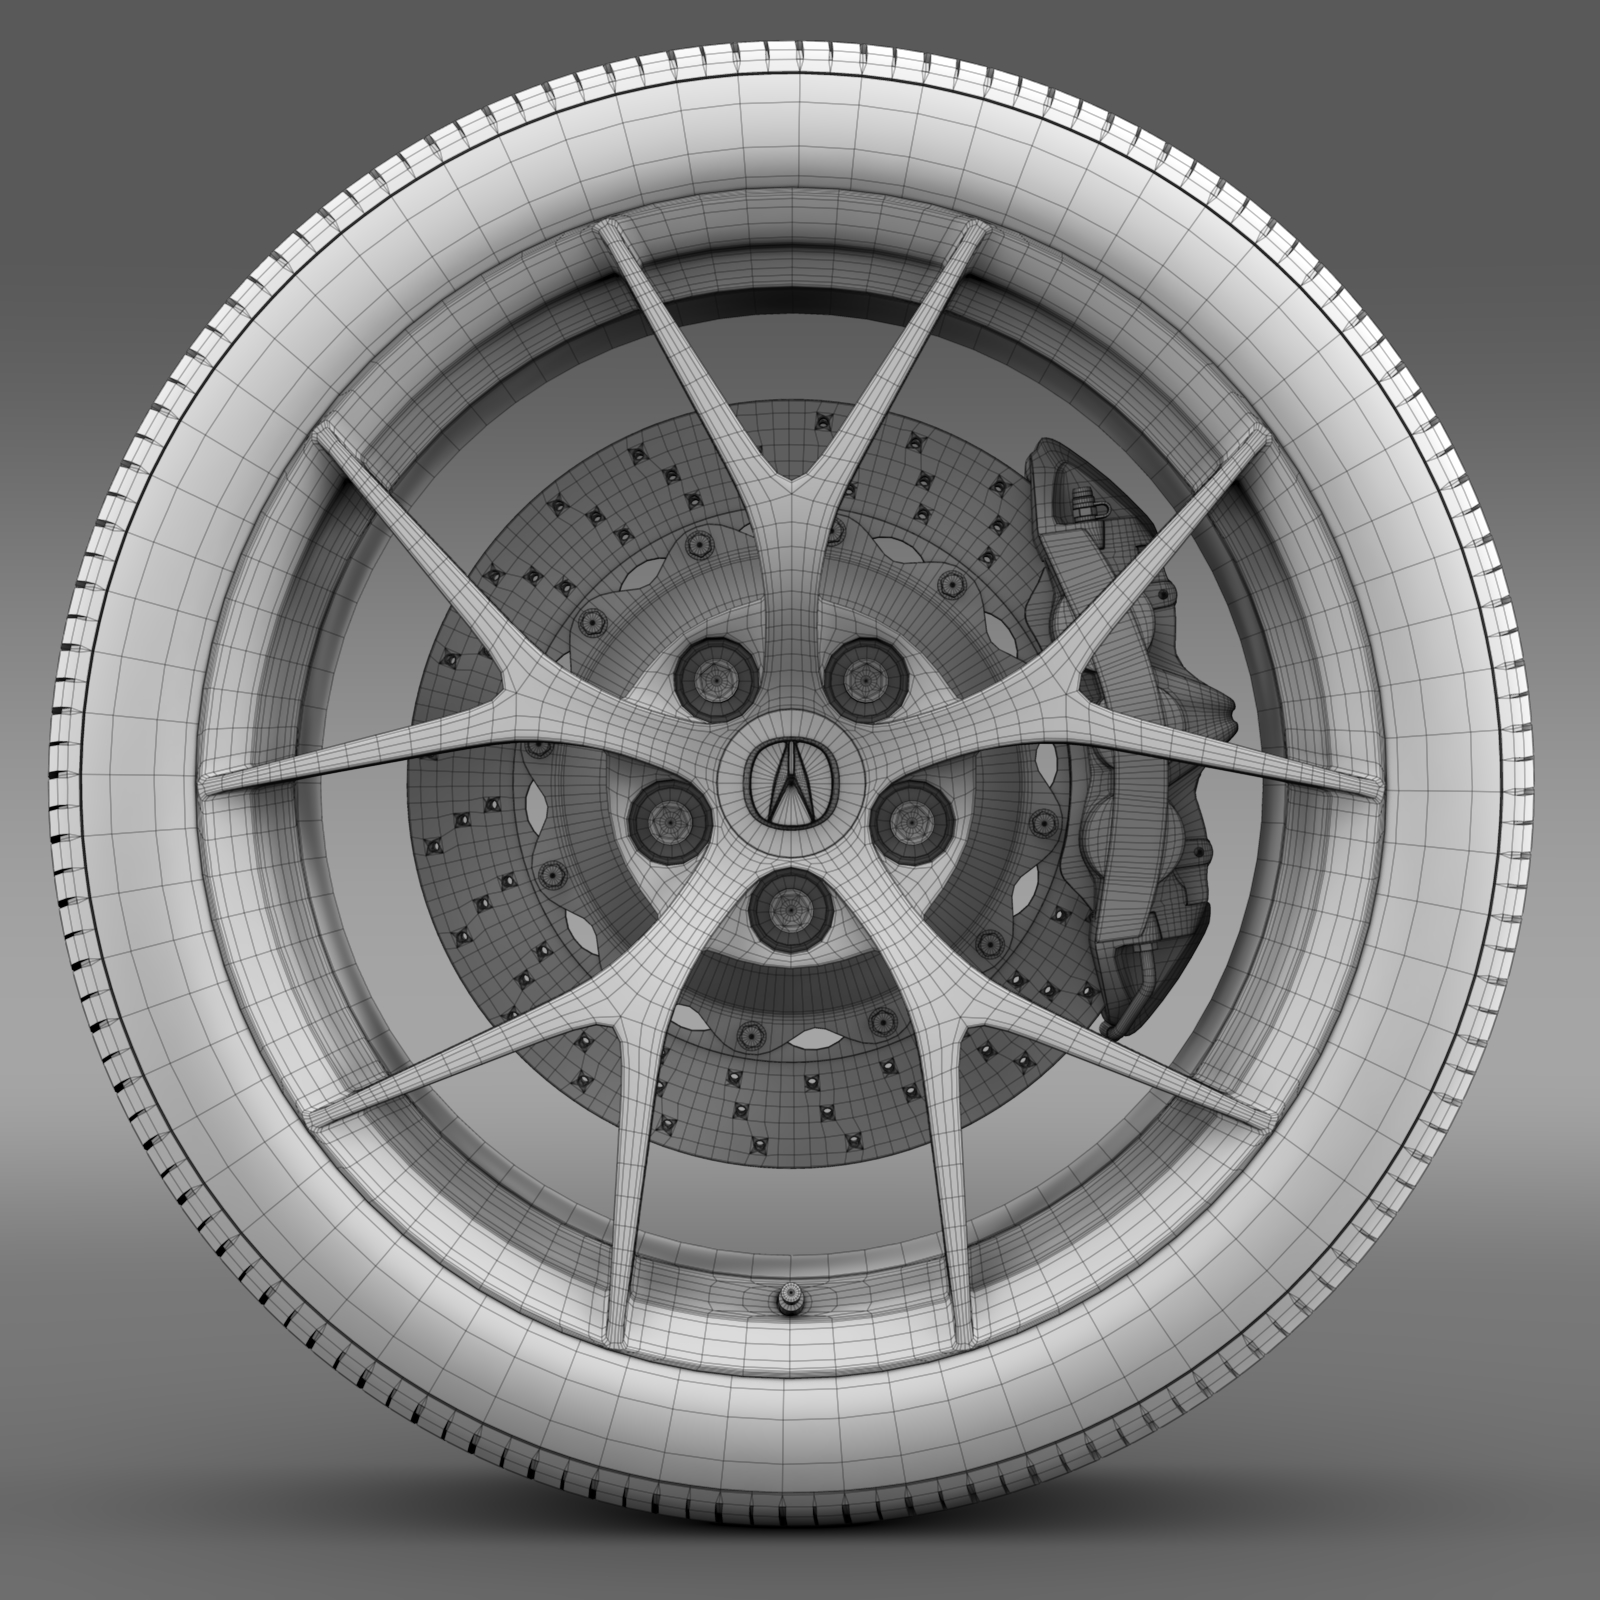 acura nsx wheel 2015 3d model 3ds max fbx c4d lwo ma mb hrc xsi obj 212656